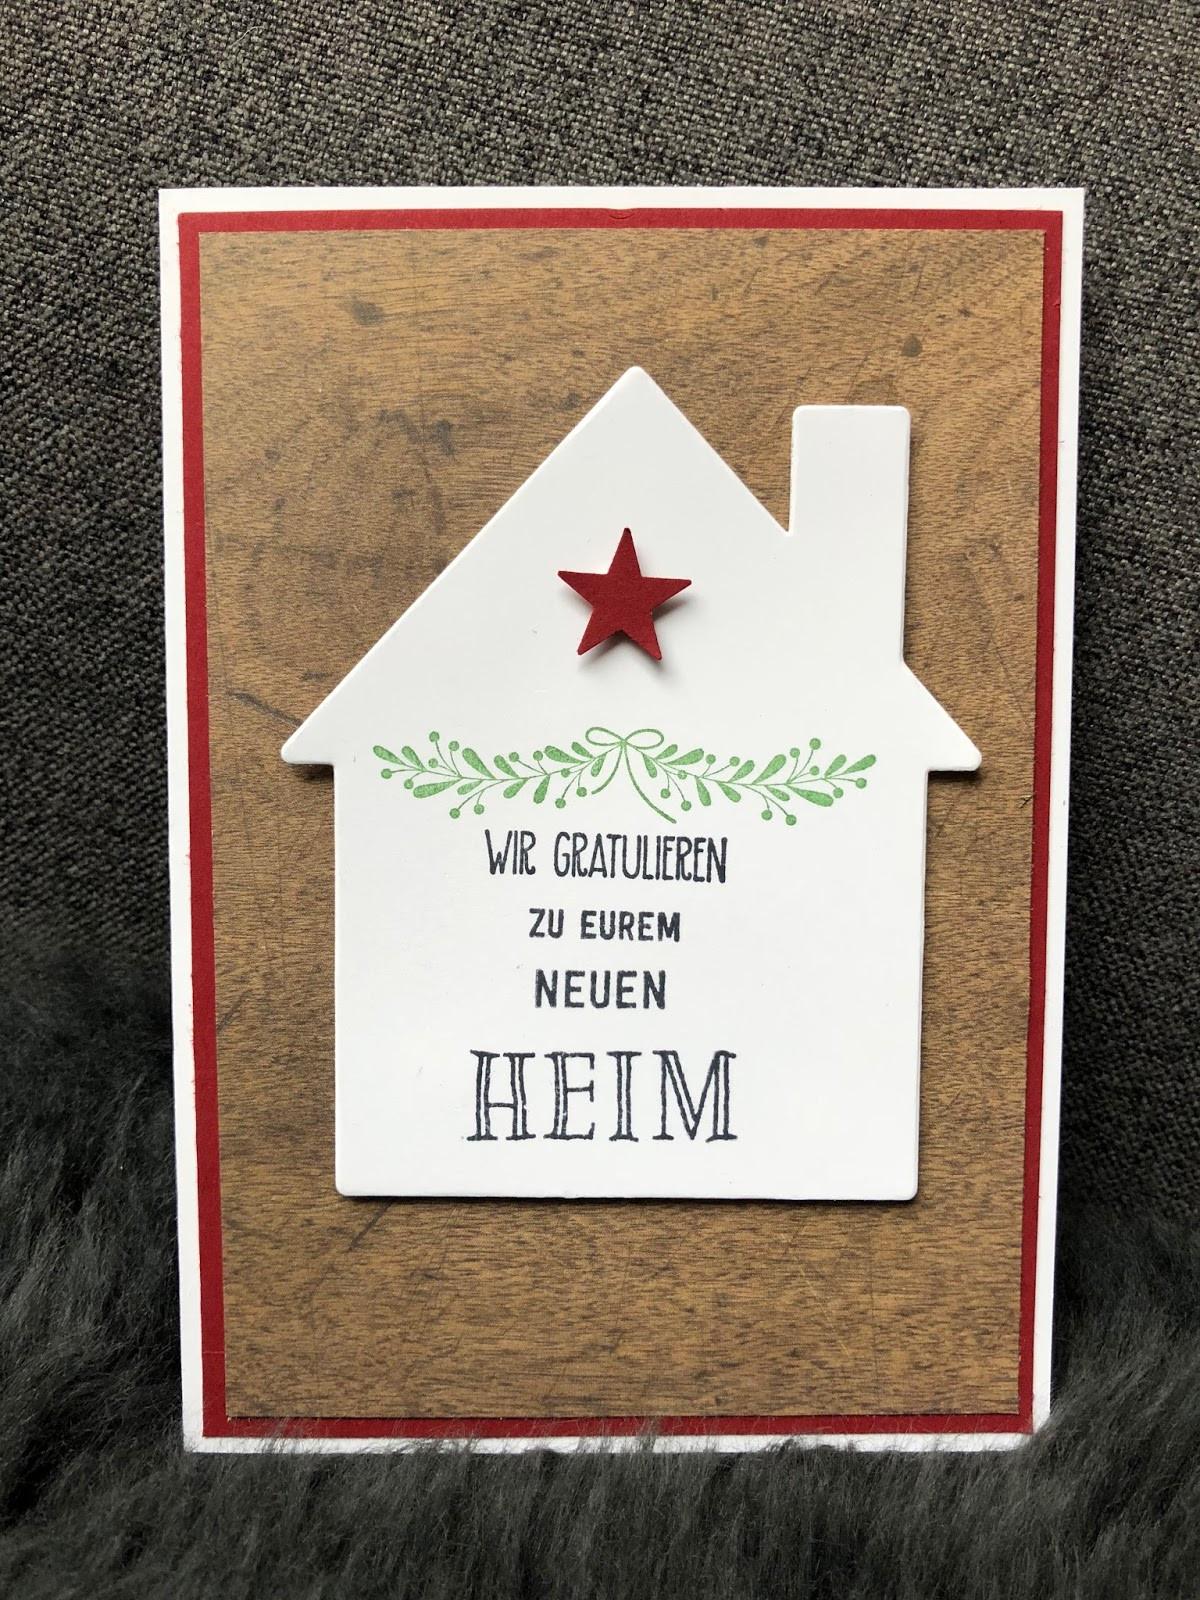 Geschenke Zum Einzug Ins Haus  Geschenk zum einzug ins haus – Beste Geschenk Website Foto